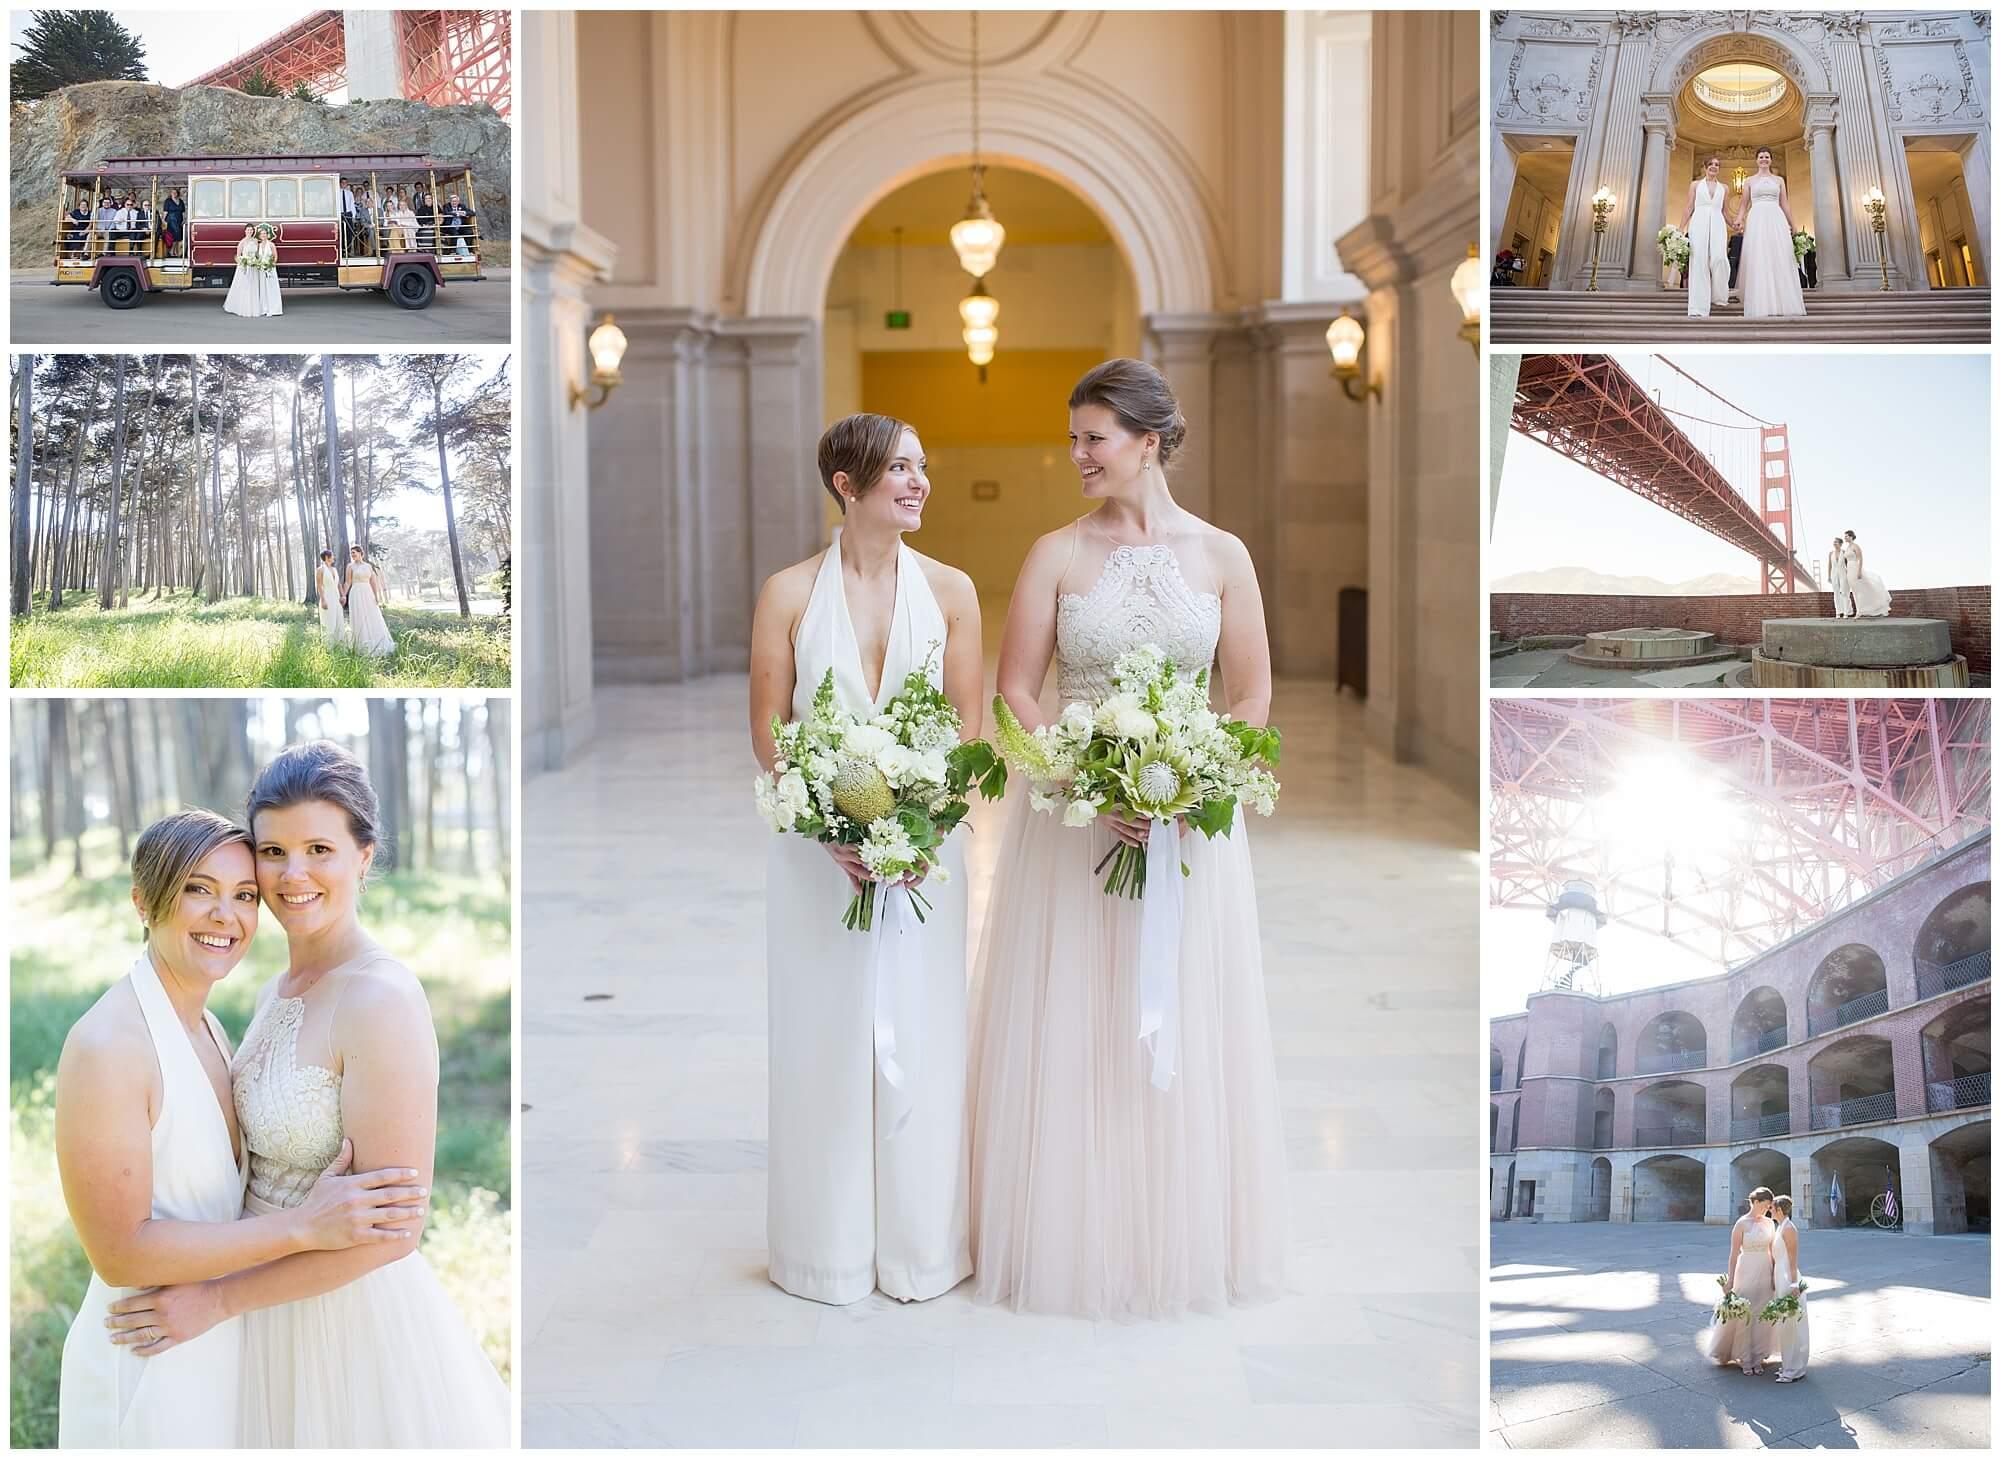 Ashley and Malorie San Francisco wedding photos